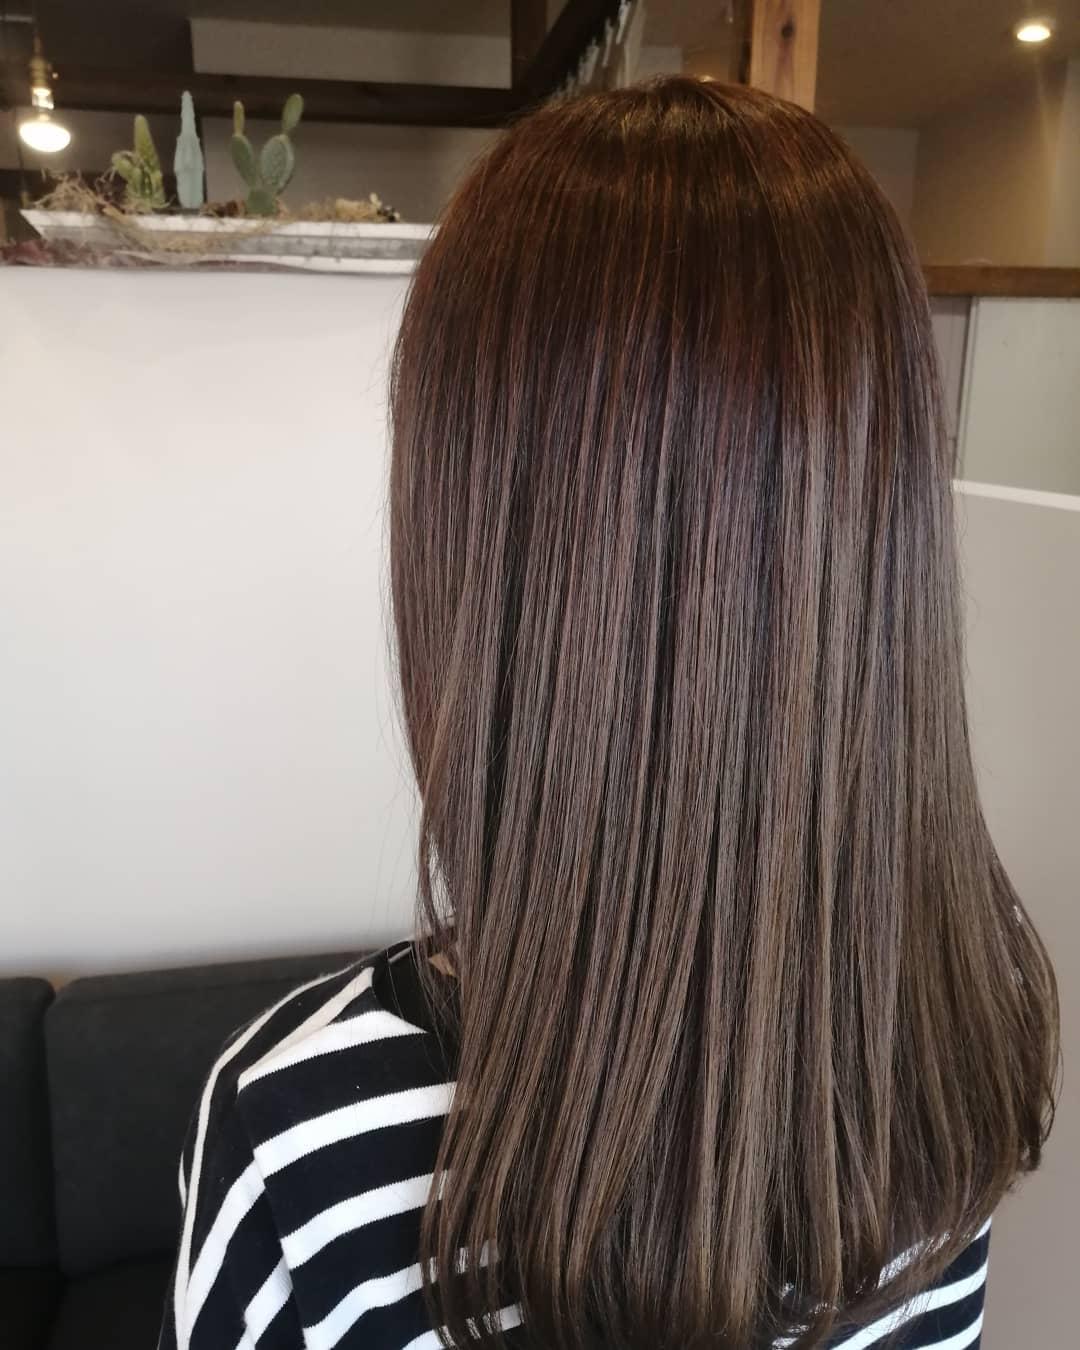 #ヘアカラー#トリートメントで#ツヤ髪 になりました#豊橋美容室 #she です️この時期は気温、湿度も高くなり髪の毛や頭皮が不調になりやすいです#トリートメント#頭皮ケア#ヘッドスパのメニューがおすすめです髪質頭皮の状態に合わせて最適なものをお選びいたしますご相談下さい